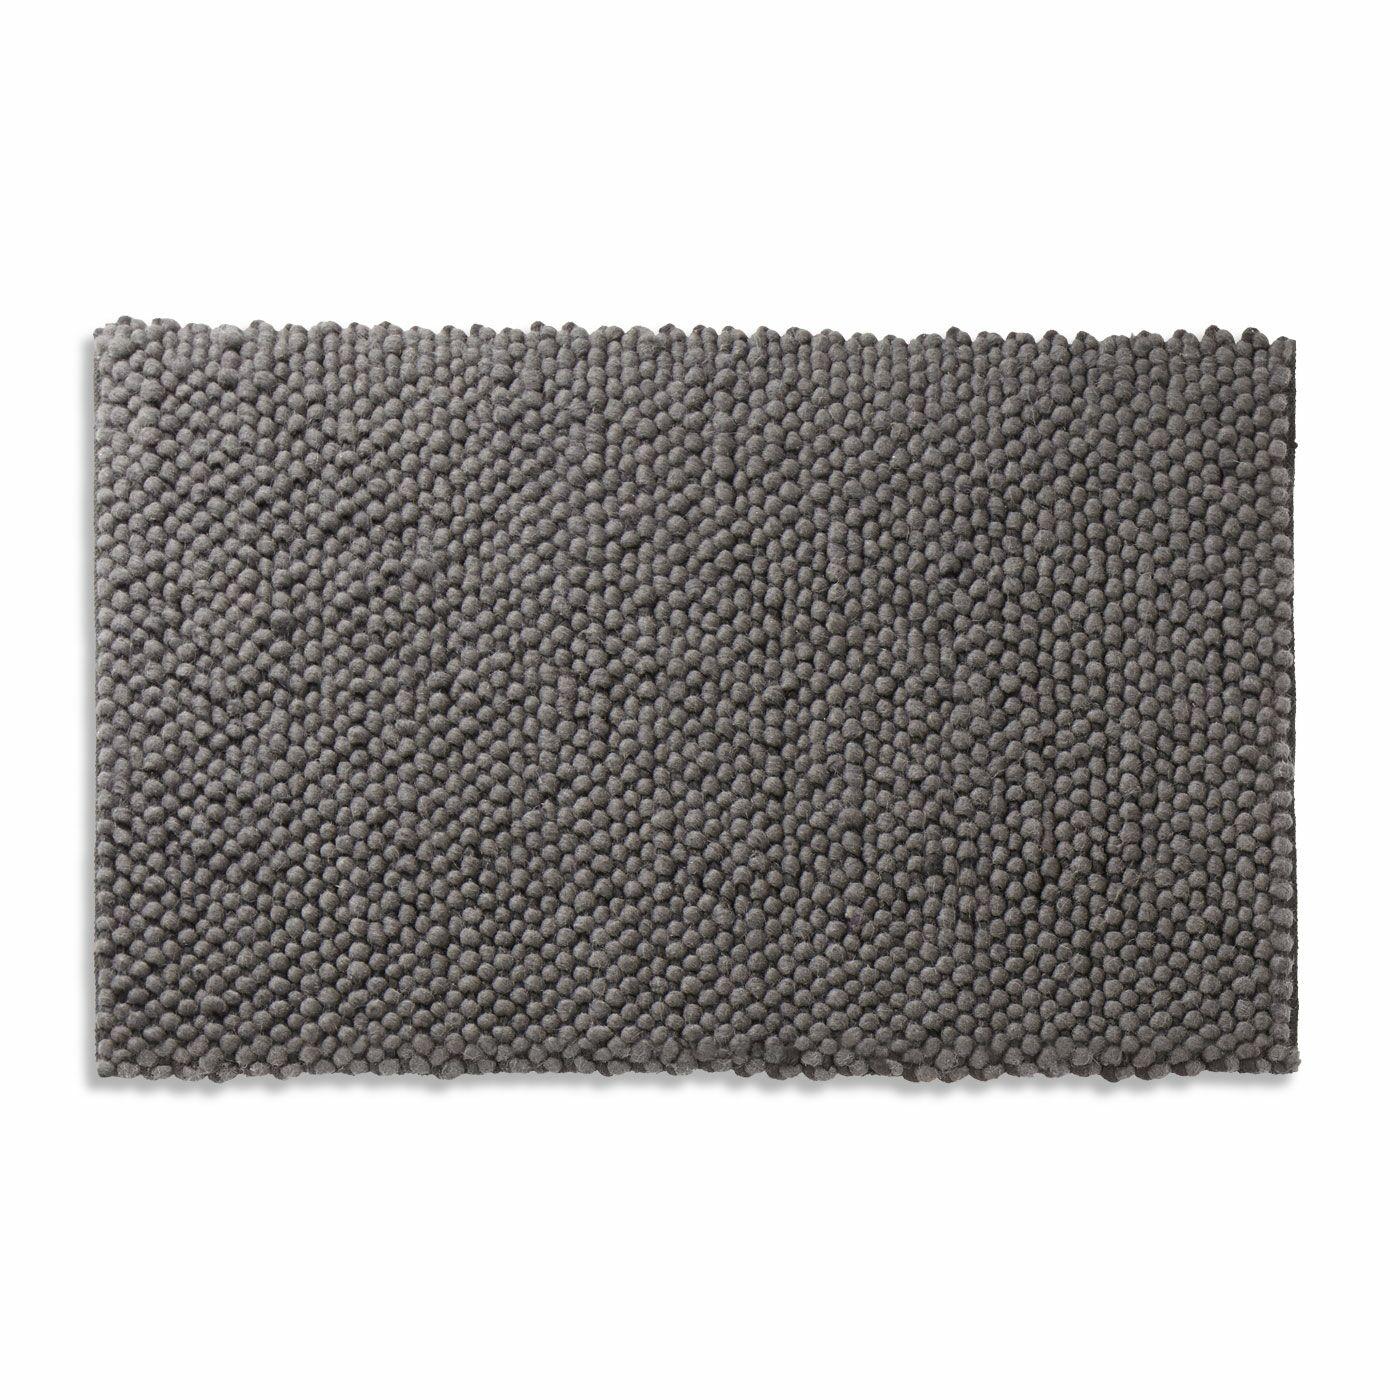 Dollop Dark Gray Area Rug Rug Size: 3' x 5'